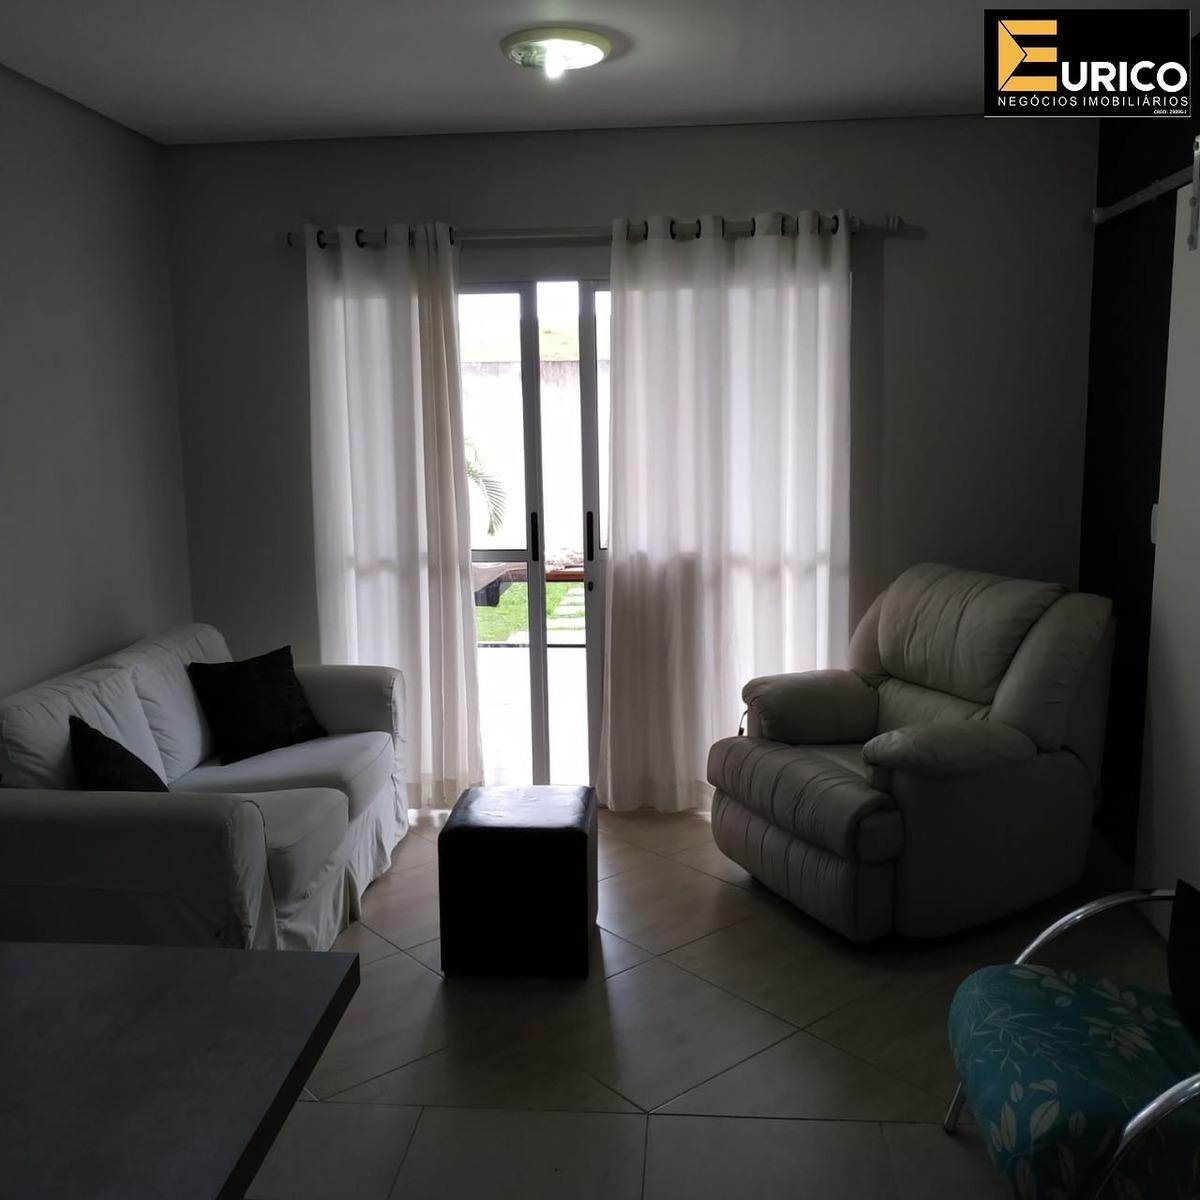 casa sobrado a venda no condominio vila di treviso em vinhedo - sp - ca01664 - 34148152